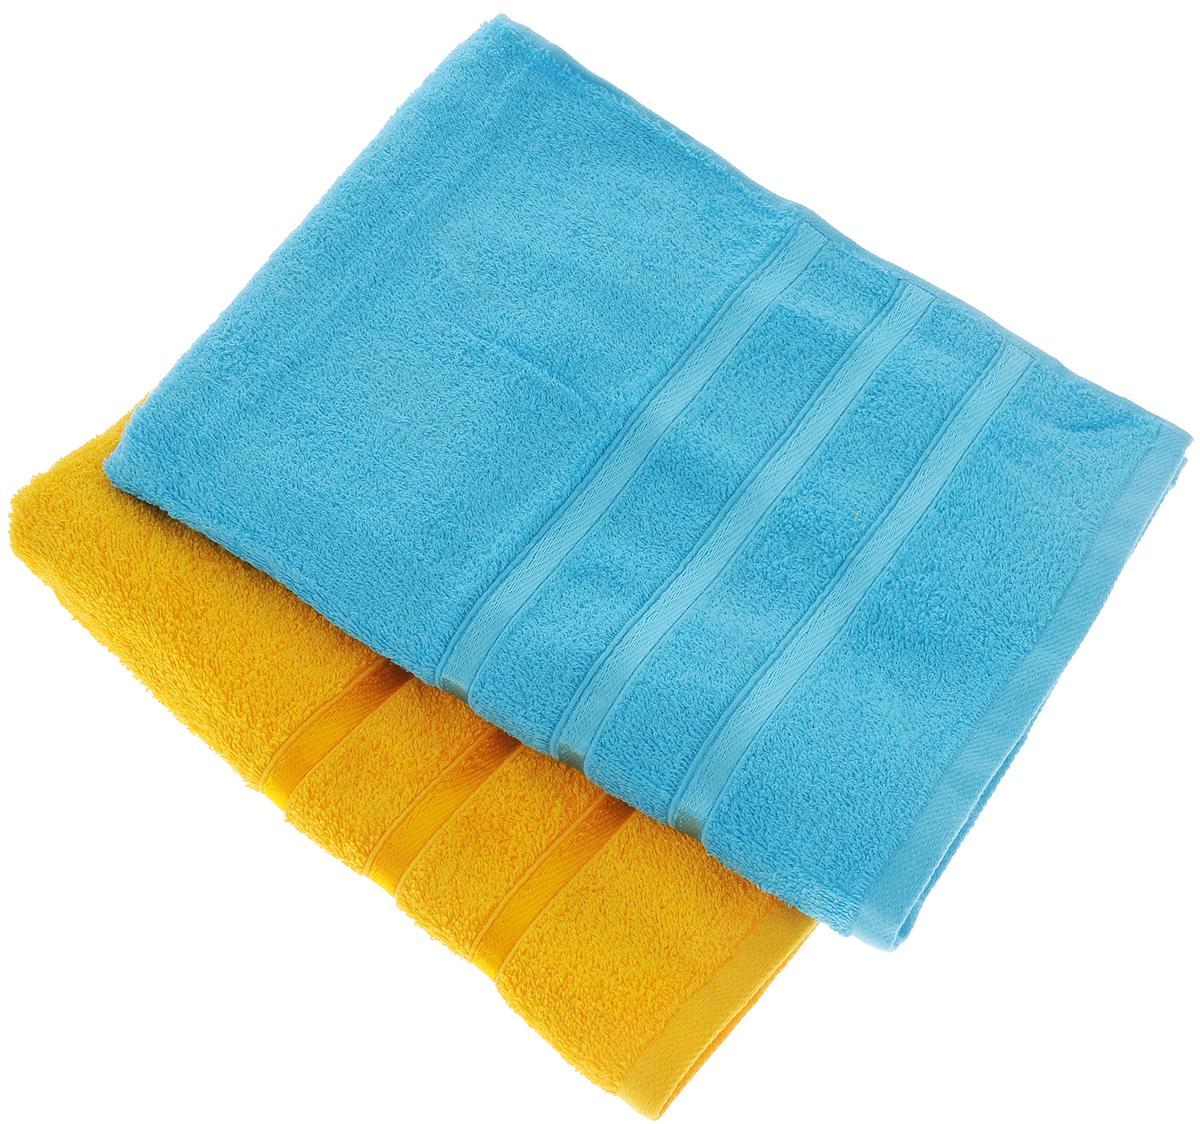 Набор полотенец Tete-a-Tete Ленты, цвет: желтый, бирюзовый, 50 х 85 см, 2 шт97775318Набор Tete-a-Tete Ленты состоит из двух махровых полотенец, выполненных из натурального 100% хлопка. Бордюр полотенец декорирован лентами. Изделия мягкие, отлично впитывают влагу, быстро сохнут, сохраняют яркость цвета и не теряют форму даже после многократных стирок. Полотенца Tete-a-Tete Ленты очень практичны и неприхотливы в уходе. Они легко впишутся в любой интерьер благодаря своей нежной цветовой гамме. Набор упакован в красивую коробку и может послужить отличной идеей подарка.Размер полотенец: 50 х 85 см.